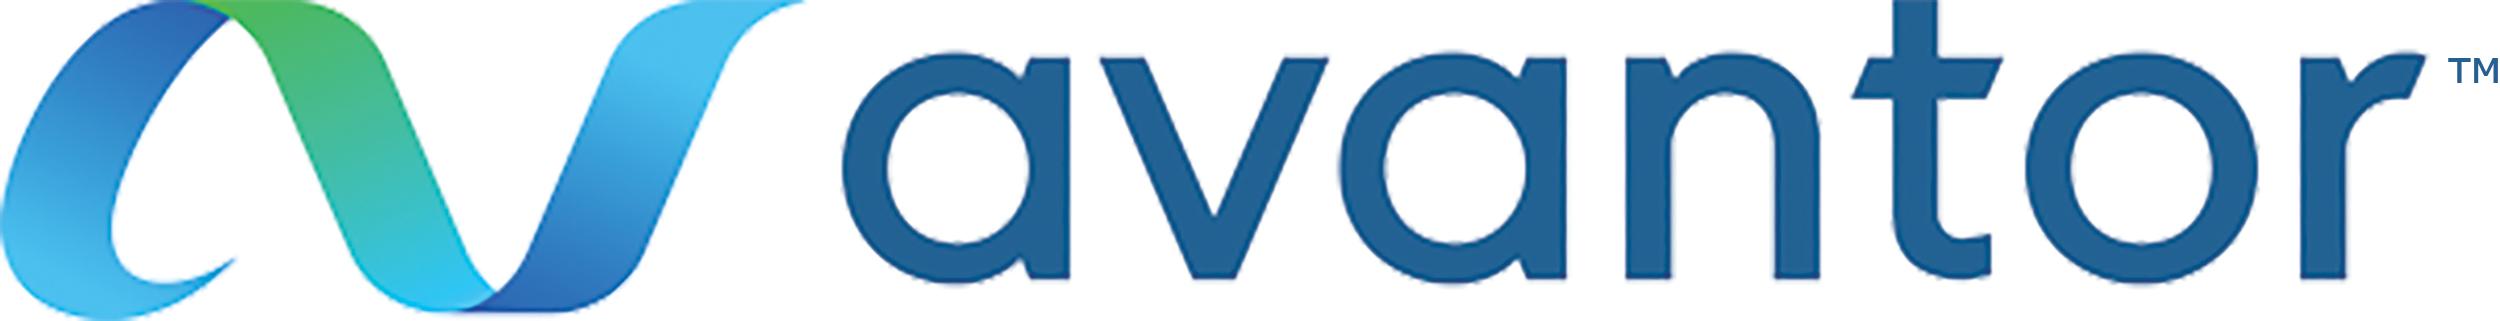 Логотип Avantor Perfomance Materials (Нидерланды)